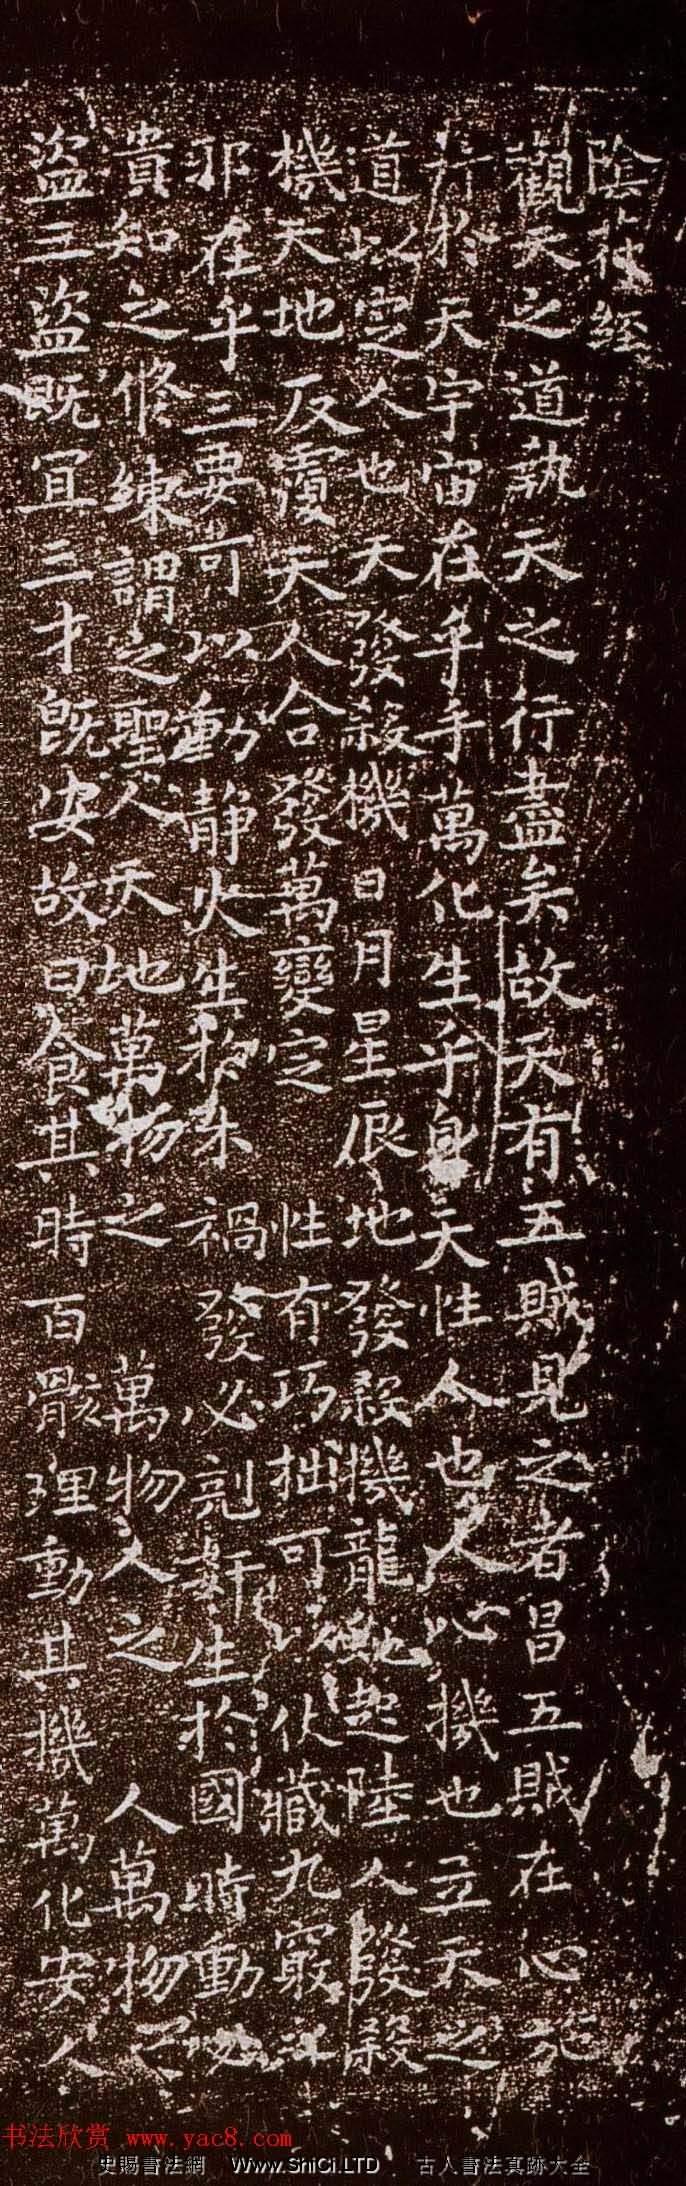 褚遂良59歲書法《小字陰符經》越州石氏帖刻本